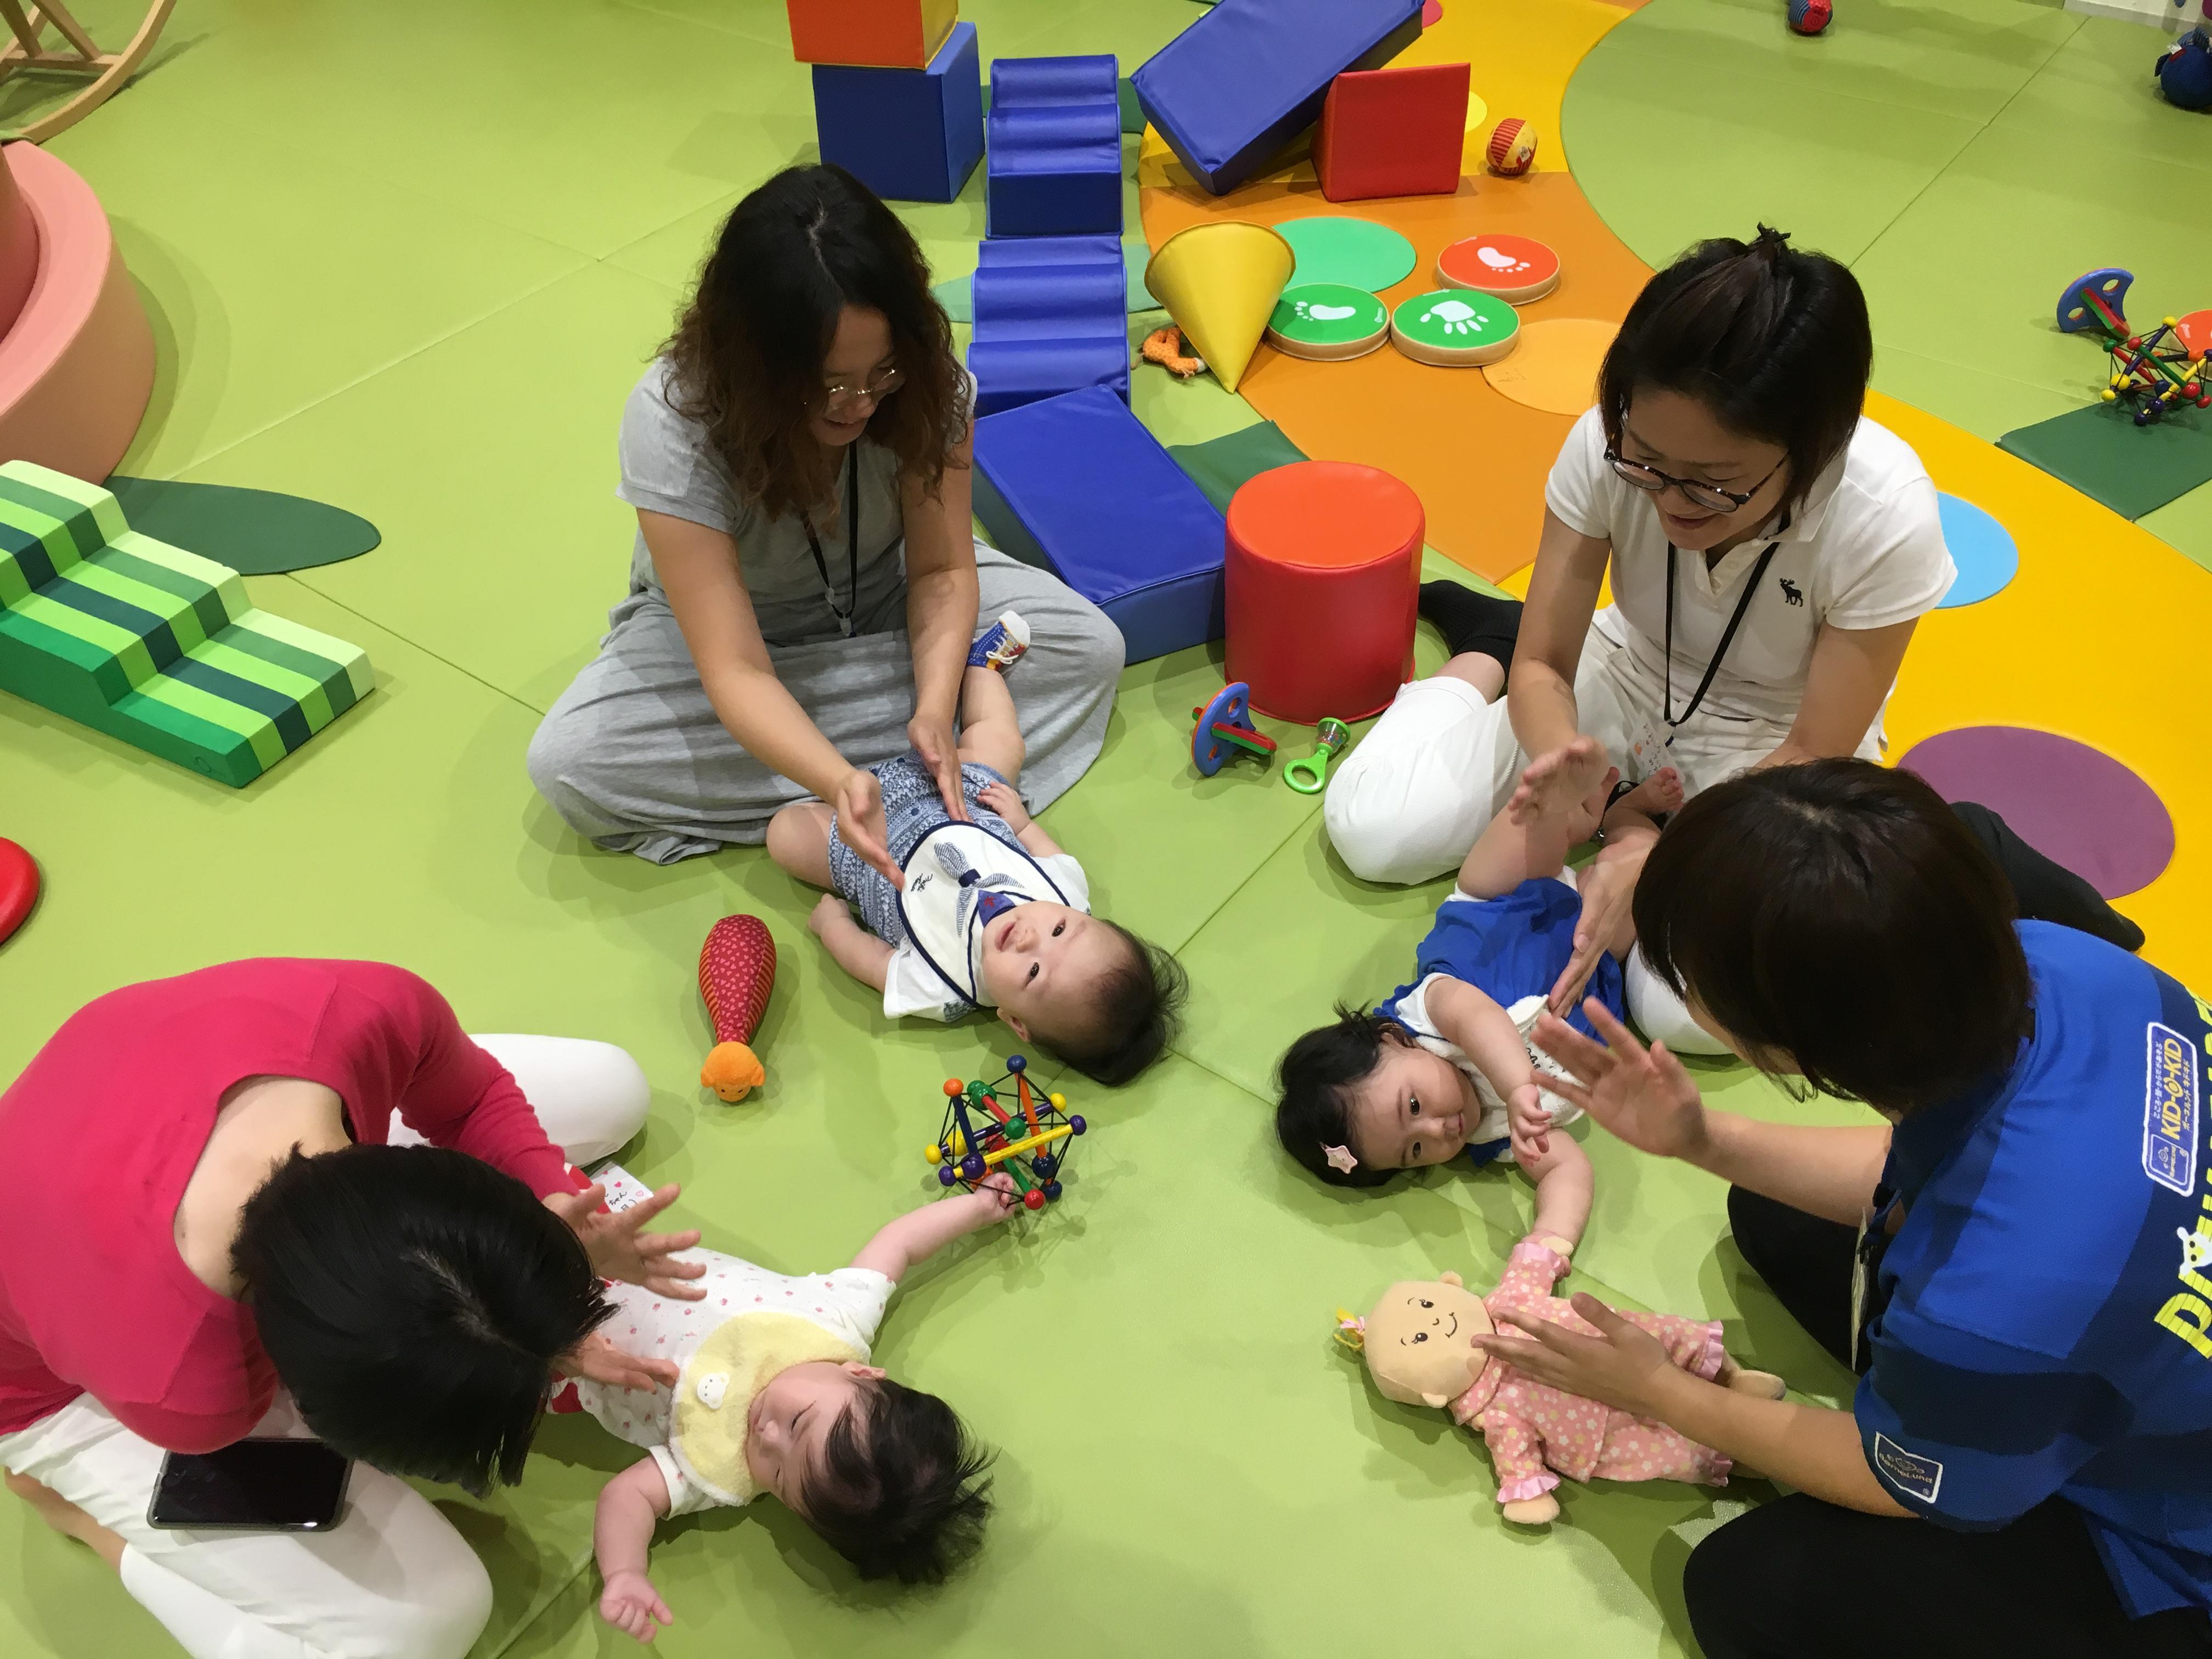 【6か月未満の赤ちゃん対象】プレ・キドキド体験会